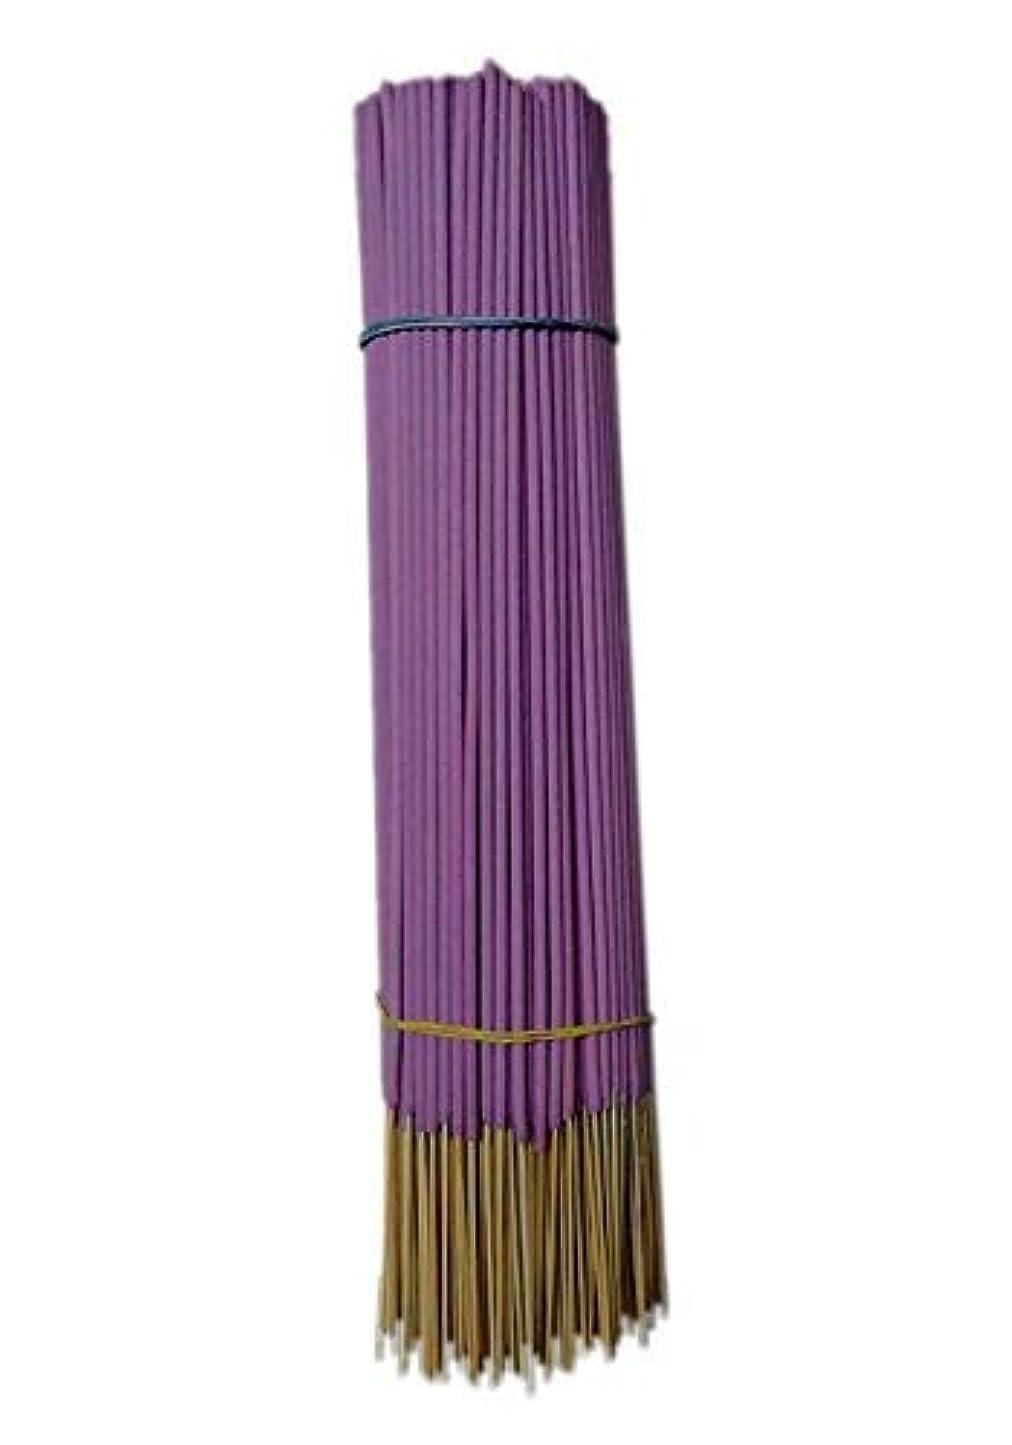 影のある解明する感謝しているAMUL Agarbatti Purple Incense Sticks (1 Kg. Pack)